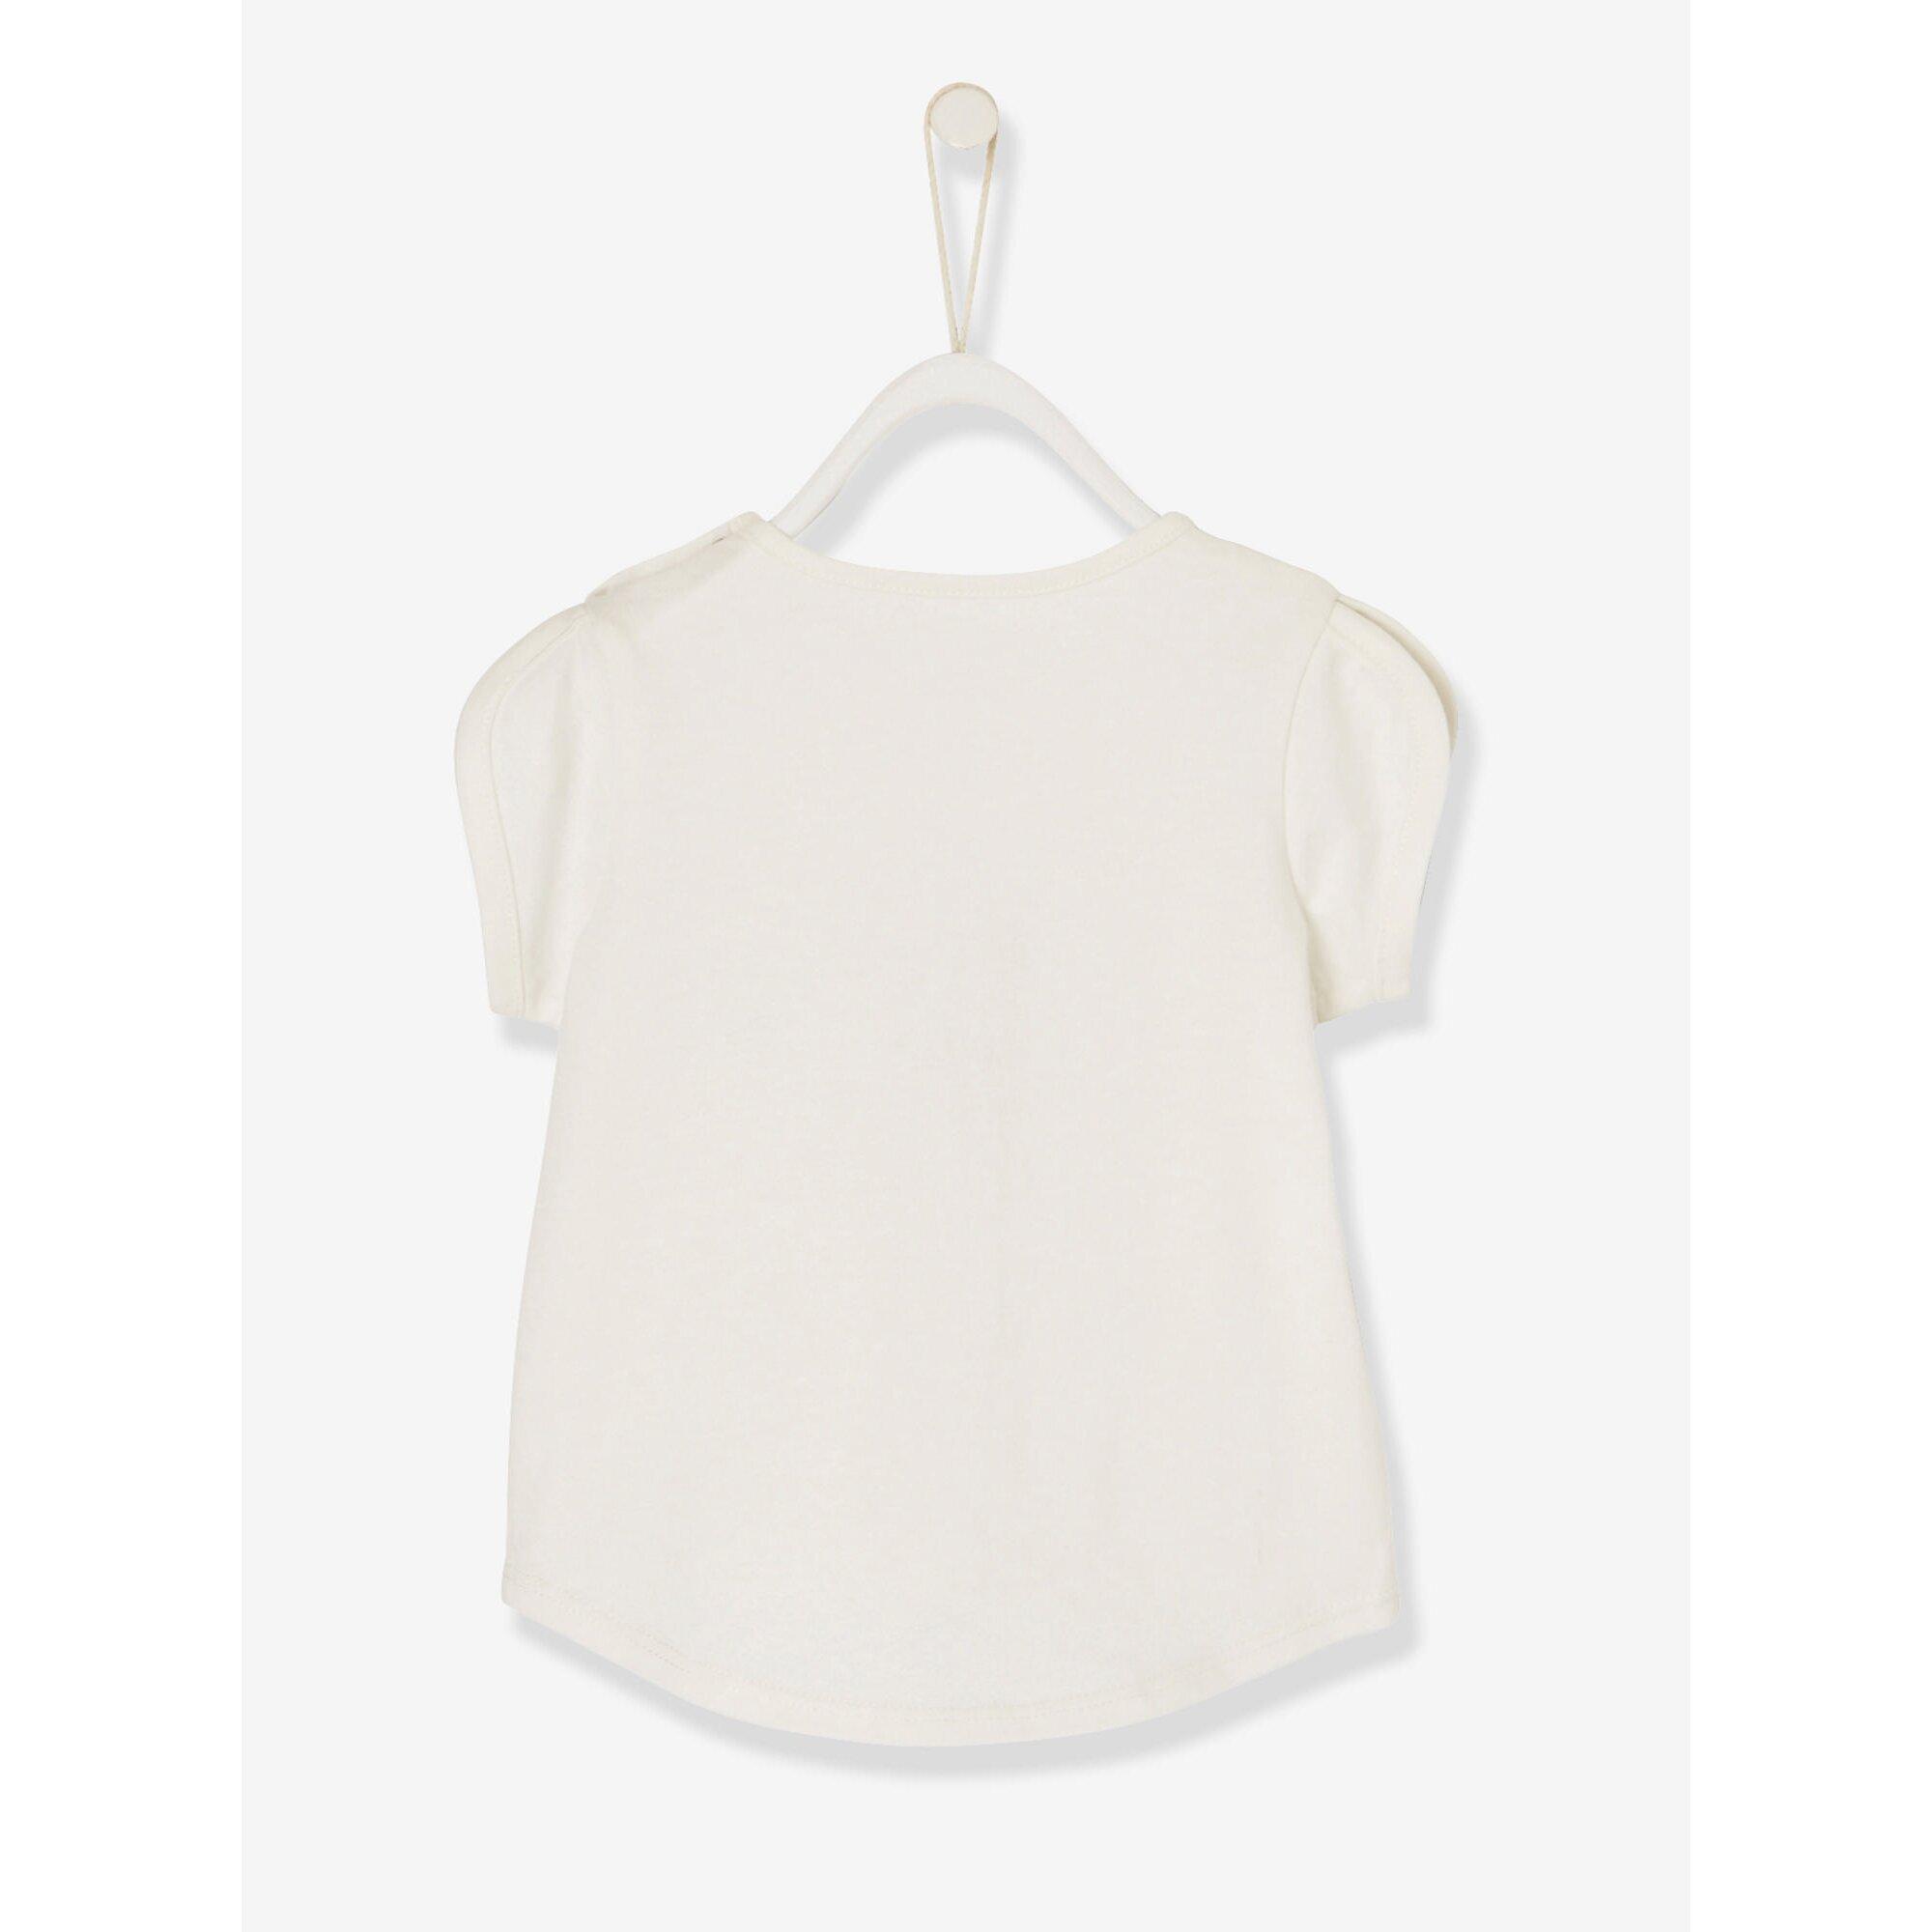 vertbaudet-baby-madchen-t-shirt-baumwolle, 8.99 EUR @ babywalz-de